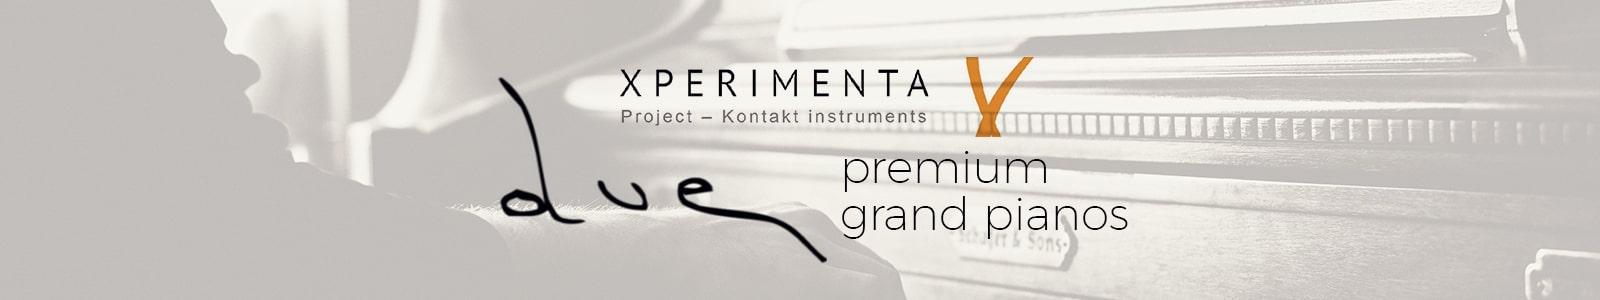 due premium grand pianos